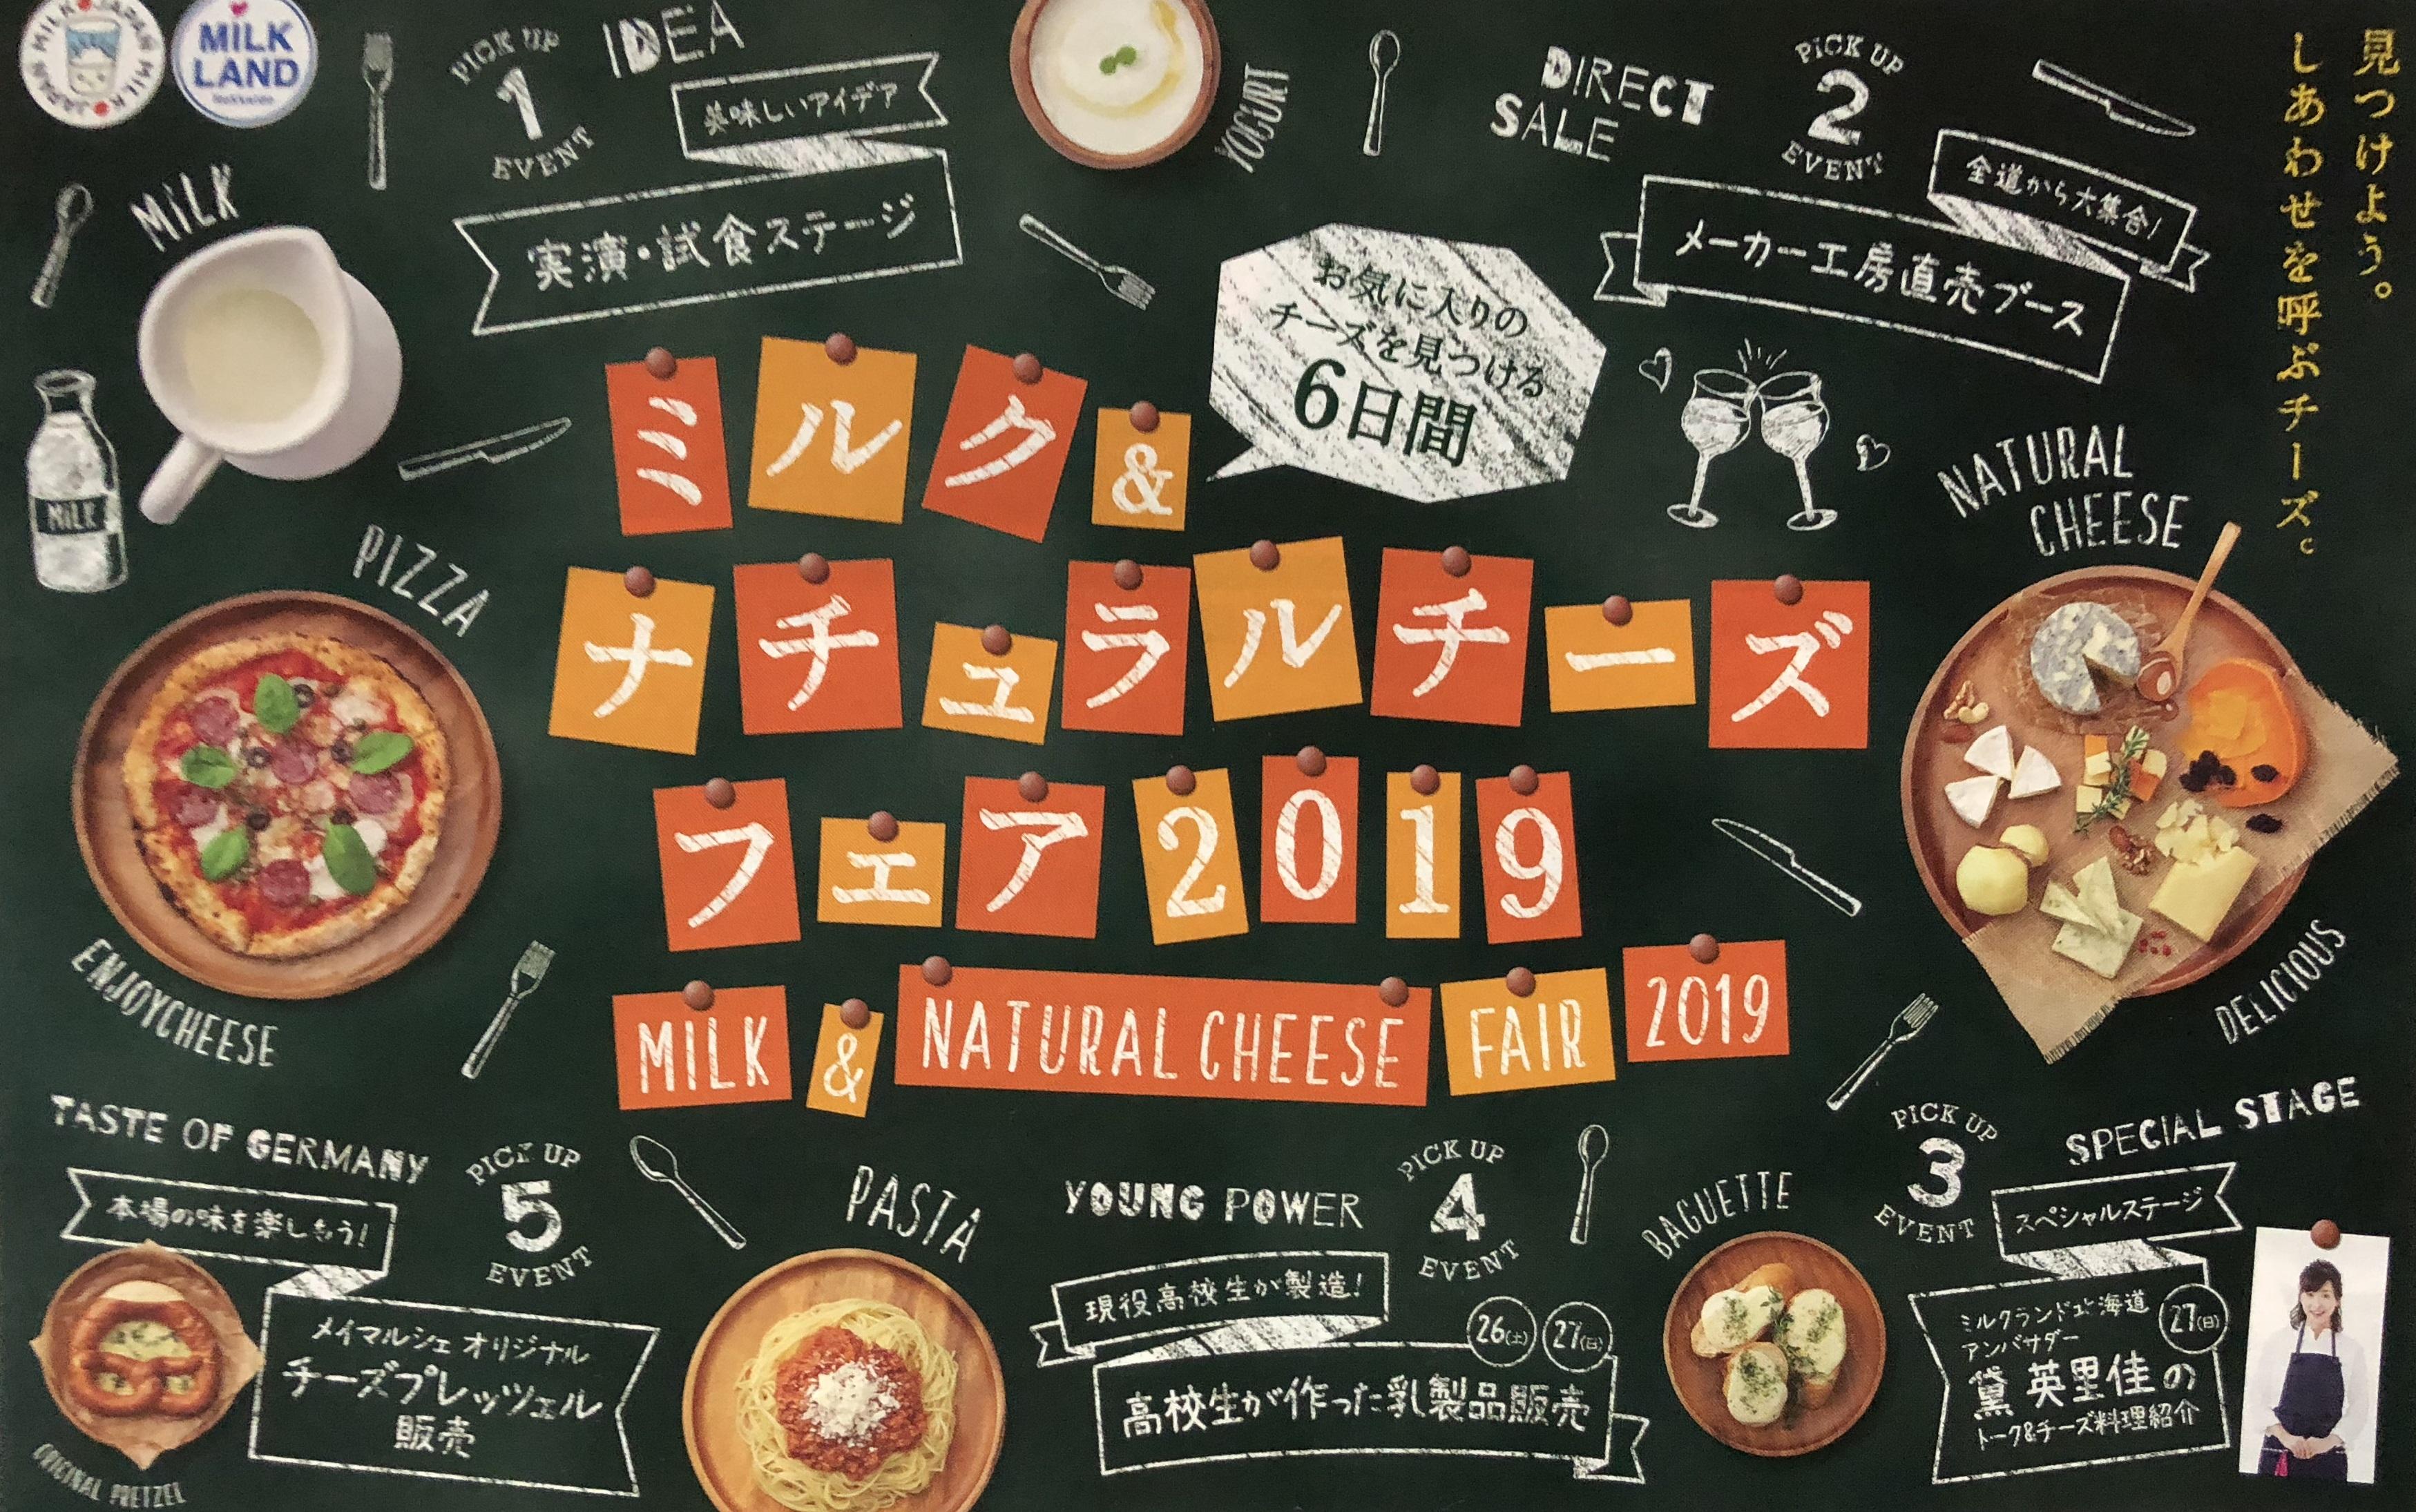 札幌ミルク&チーズフェア2019